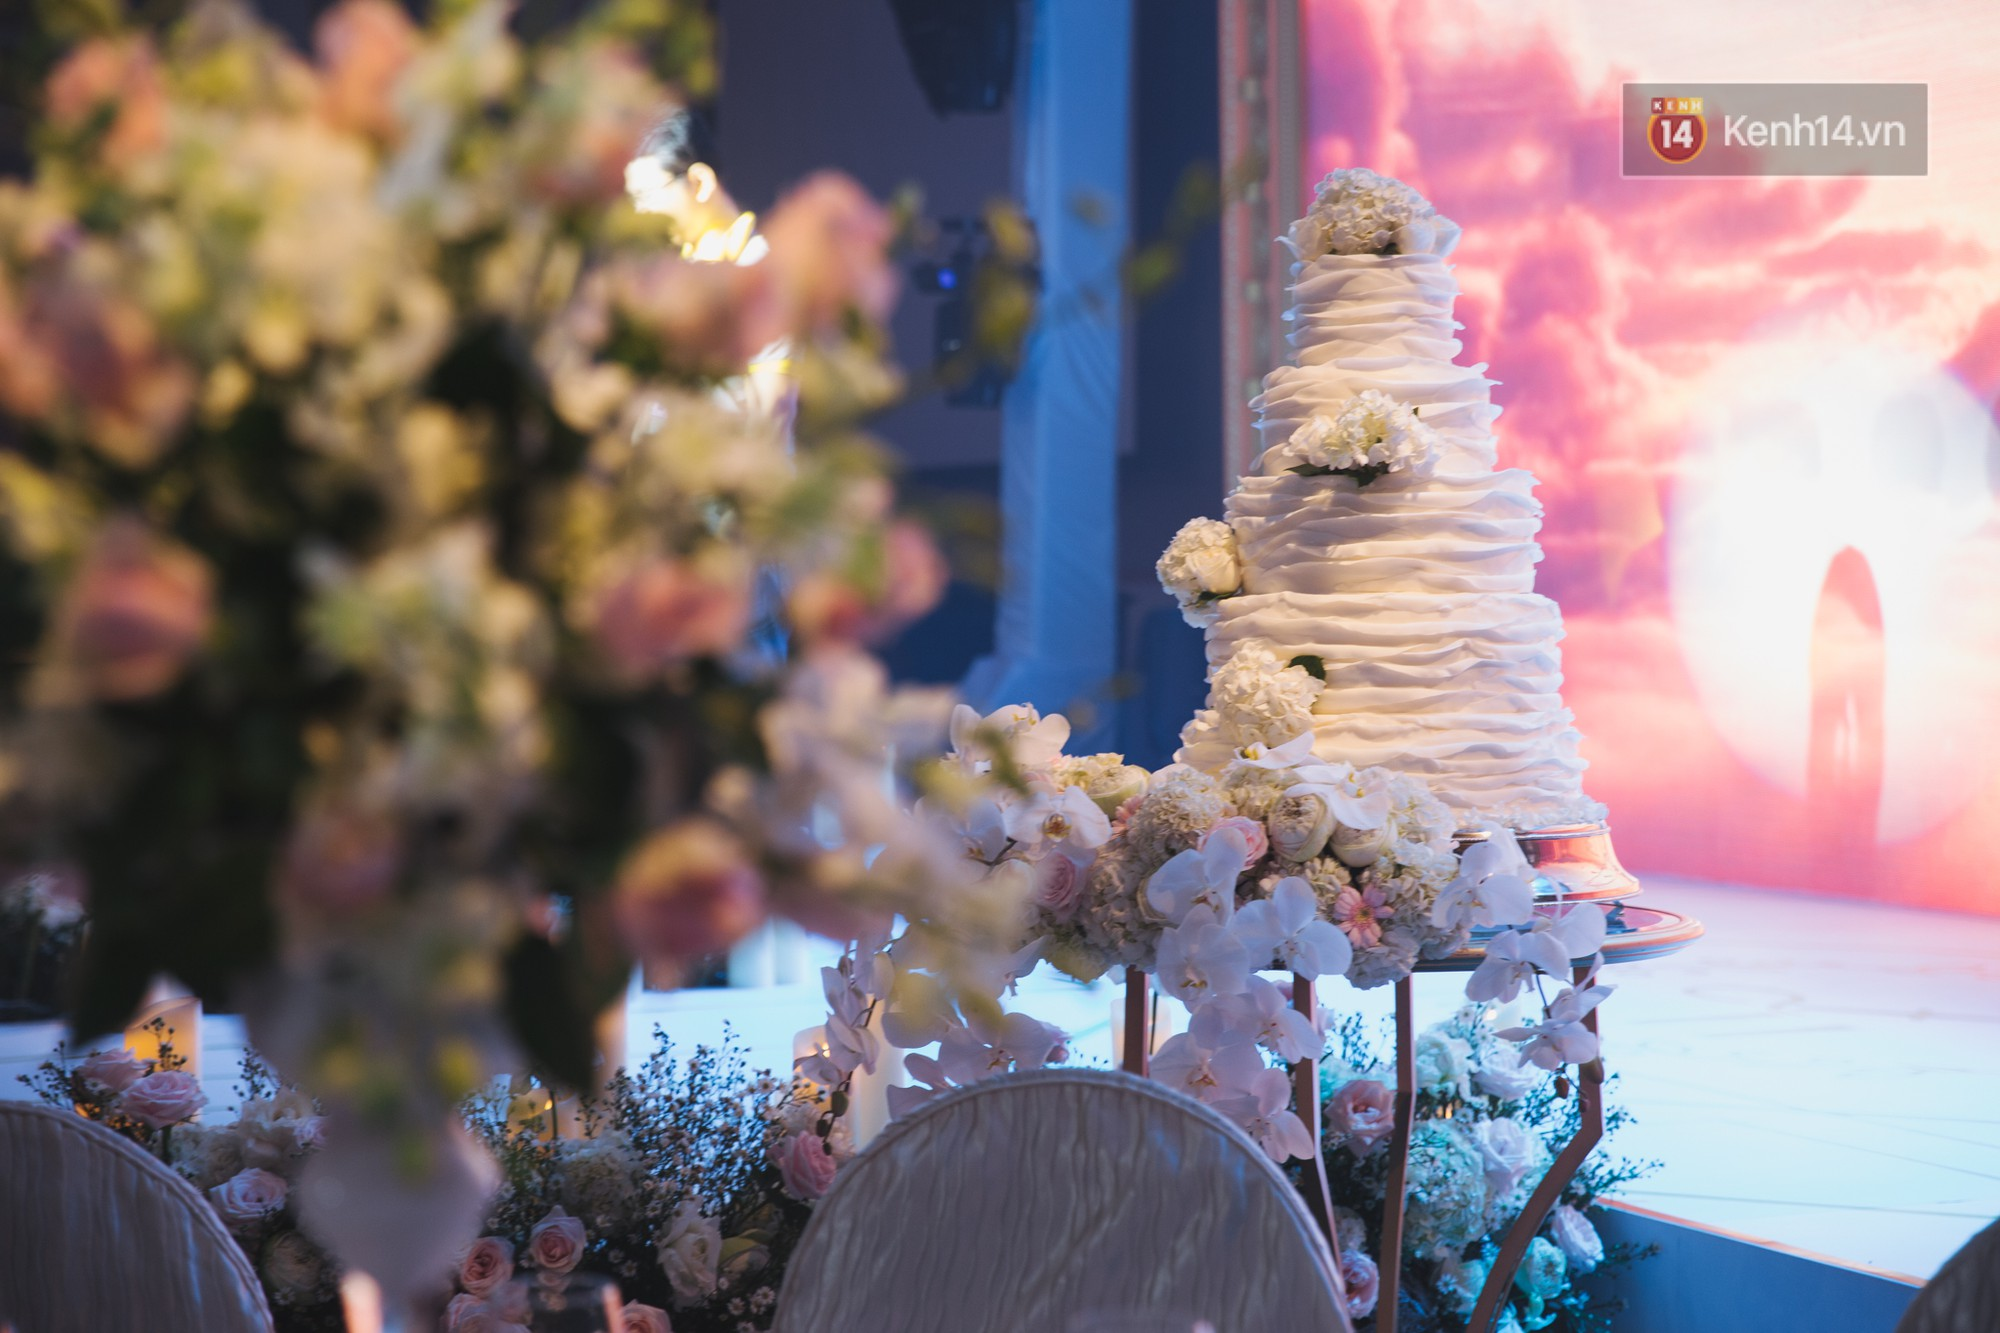 Dù rất hồi hộp, Lê Hiếu vẫn kịp nhắn đến bà xã lời hứa ngọt ngào trong đám cưới-17